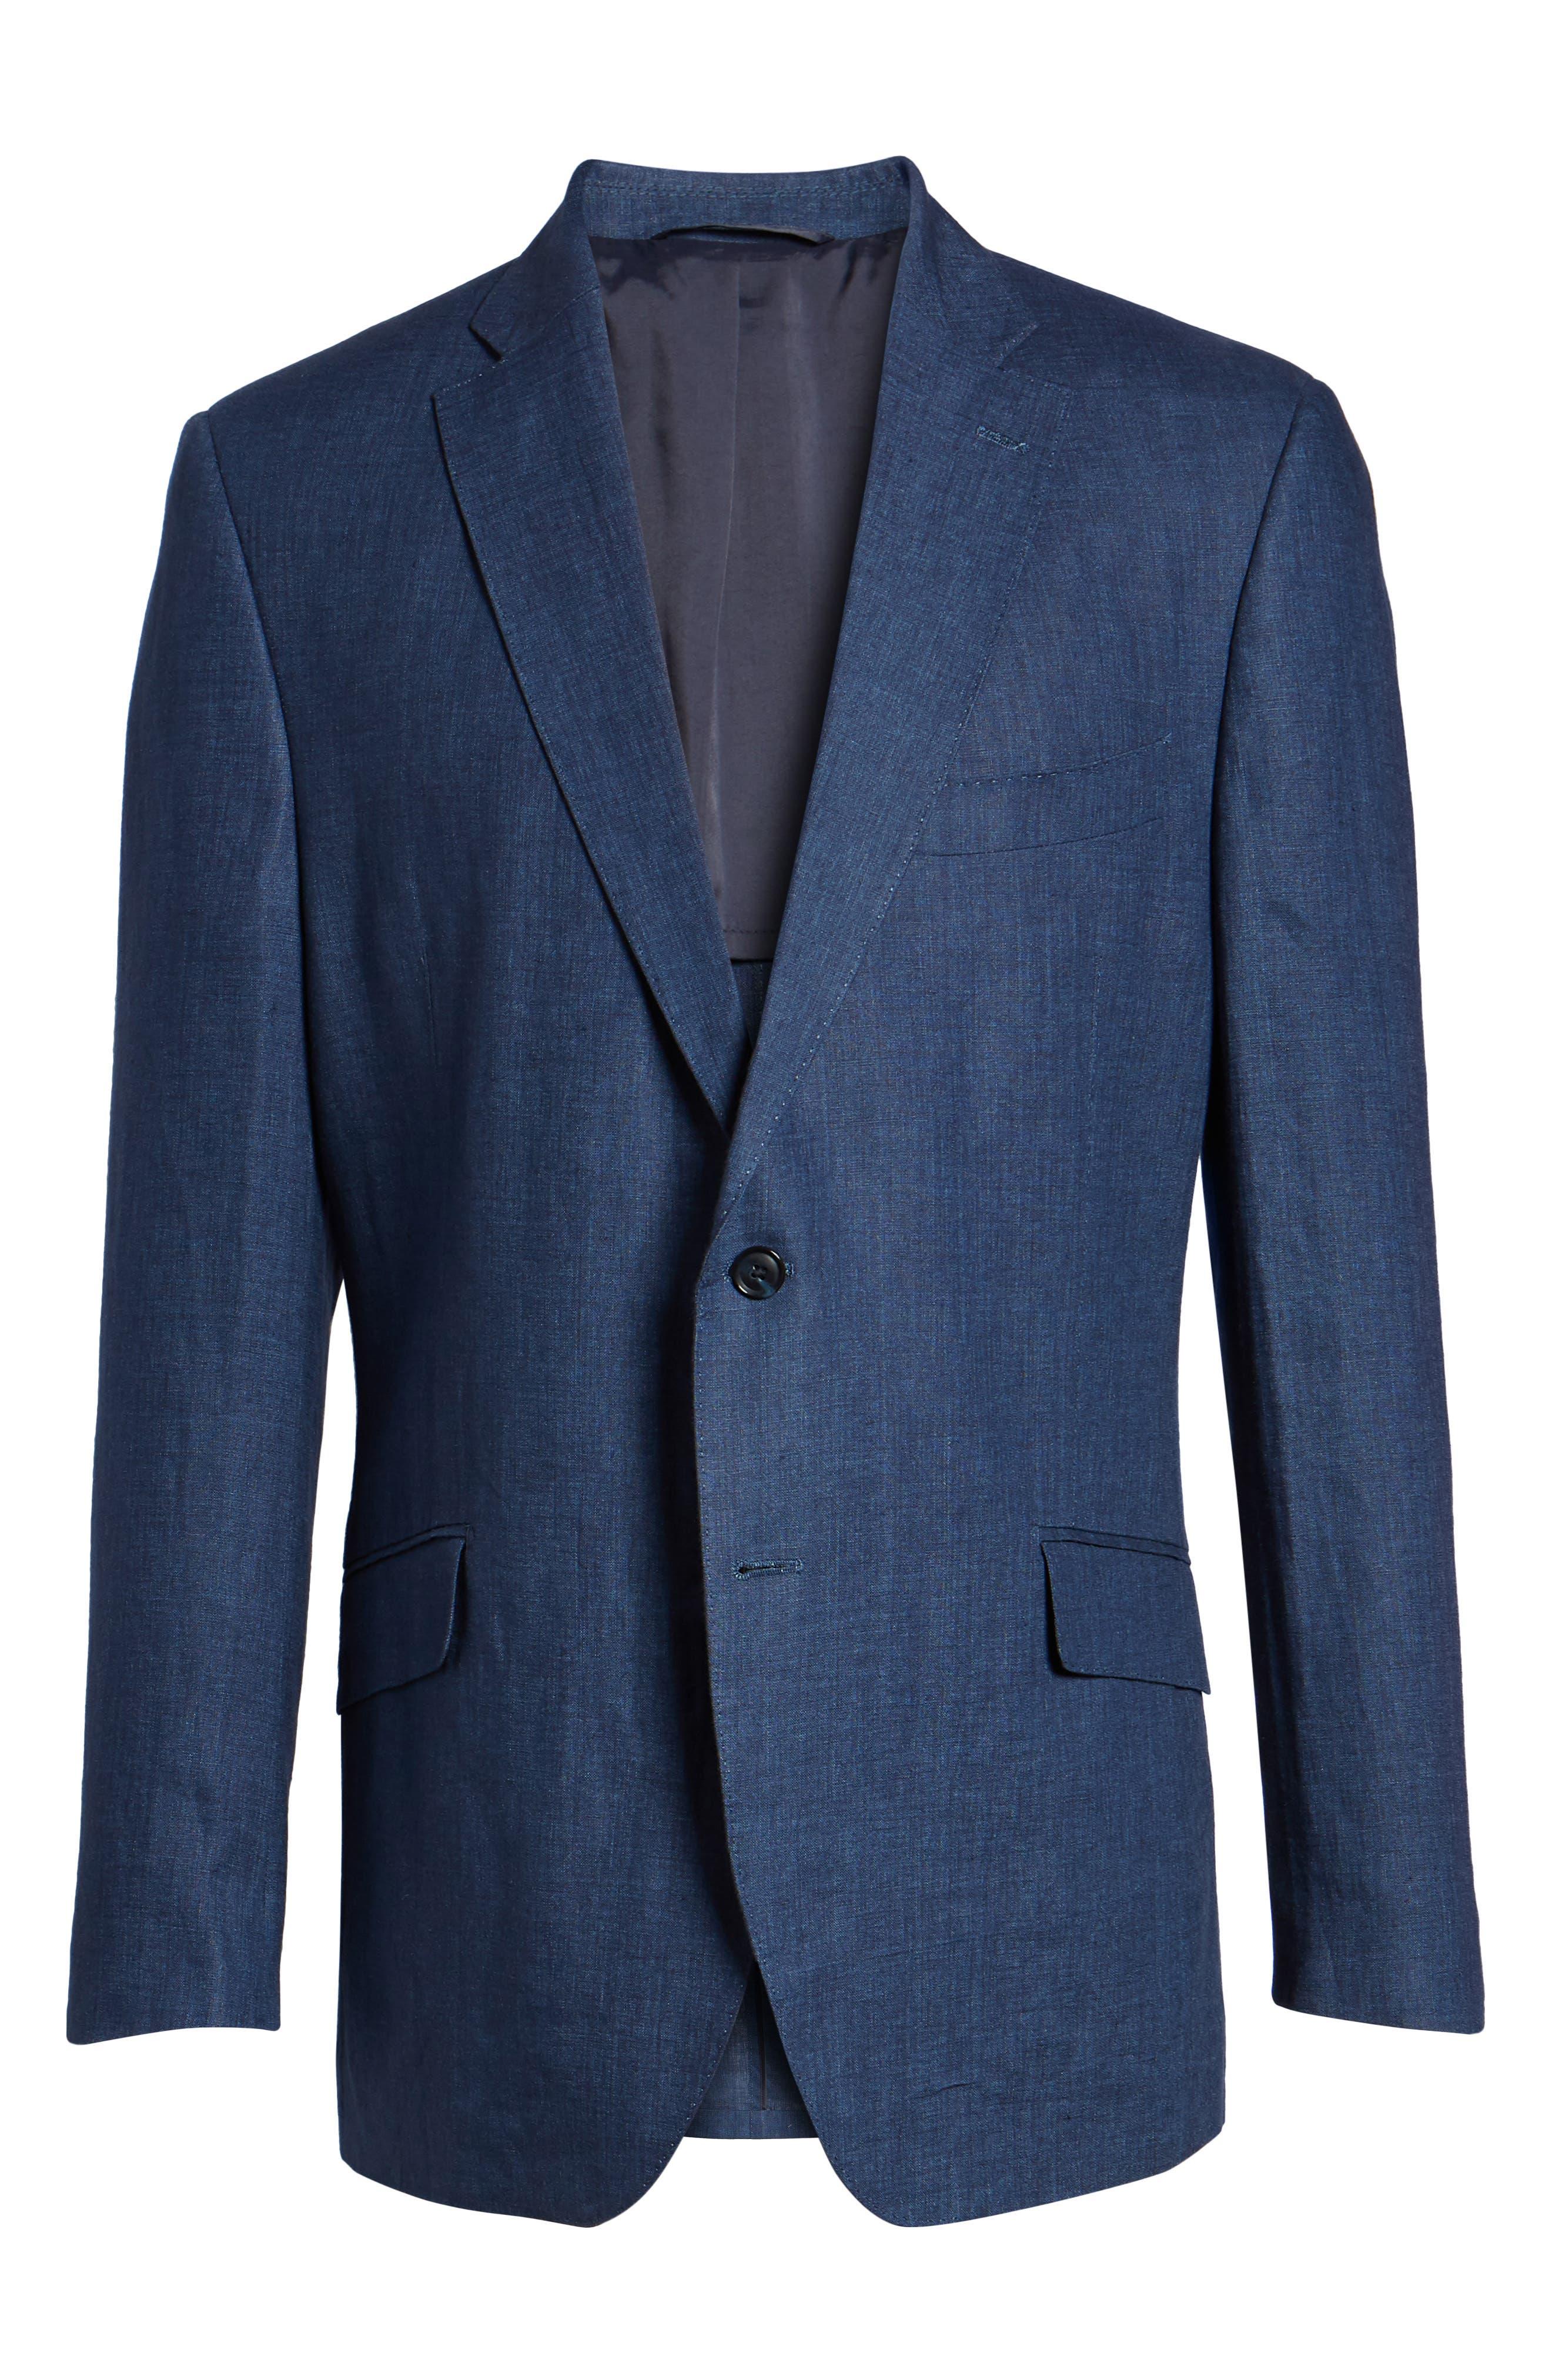 Jack AIM Classic Fit Linen Blazer,                             Alternate thumbnail 5, color,                             NAVY